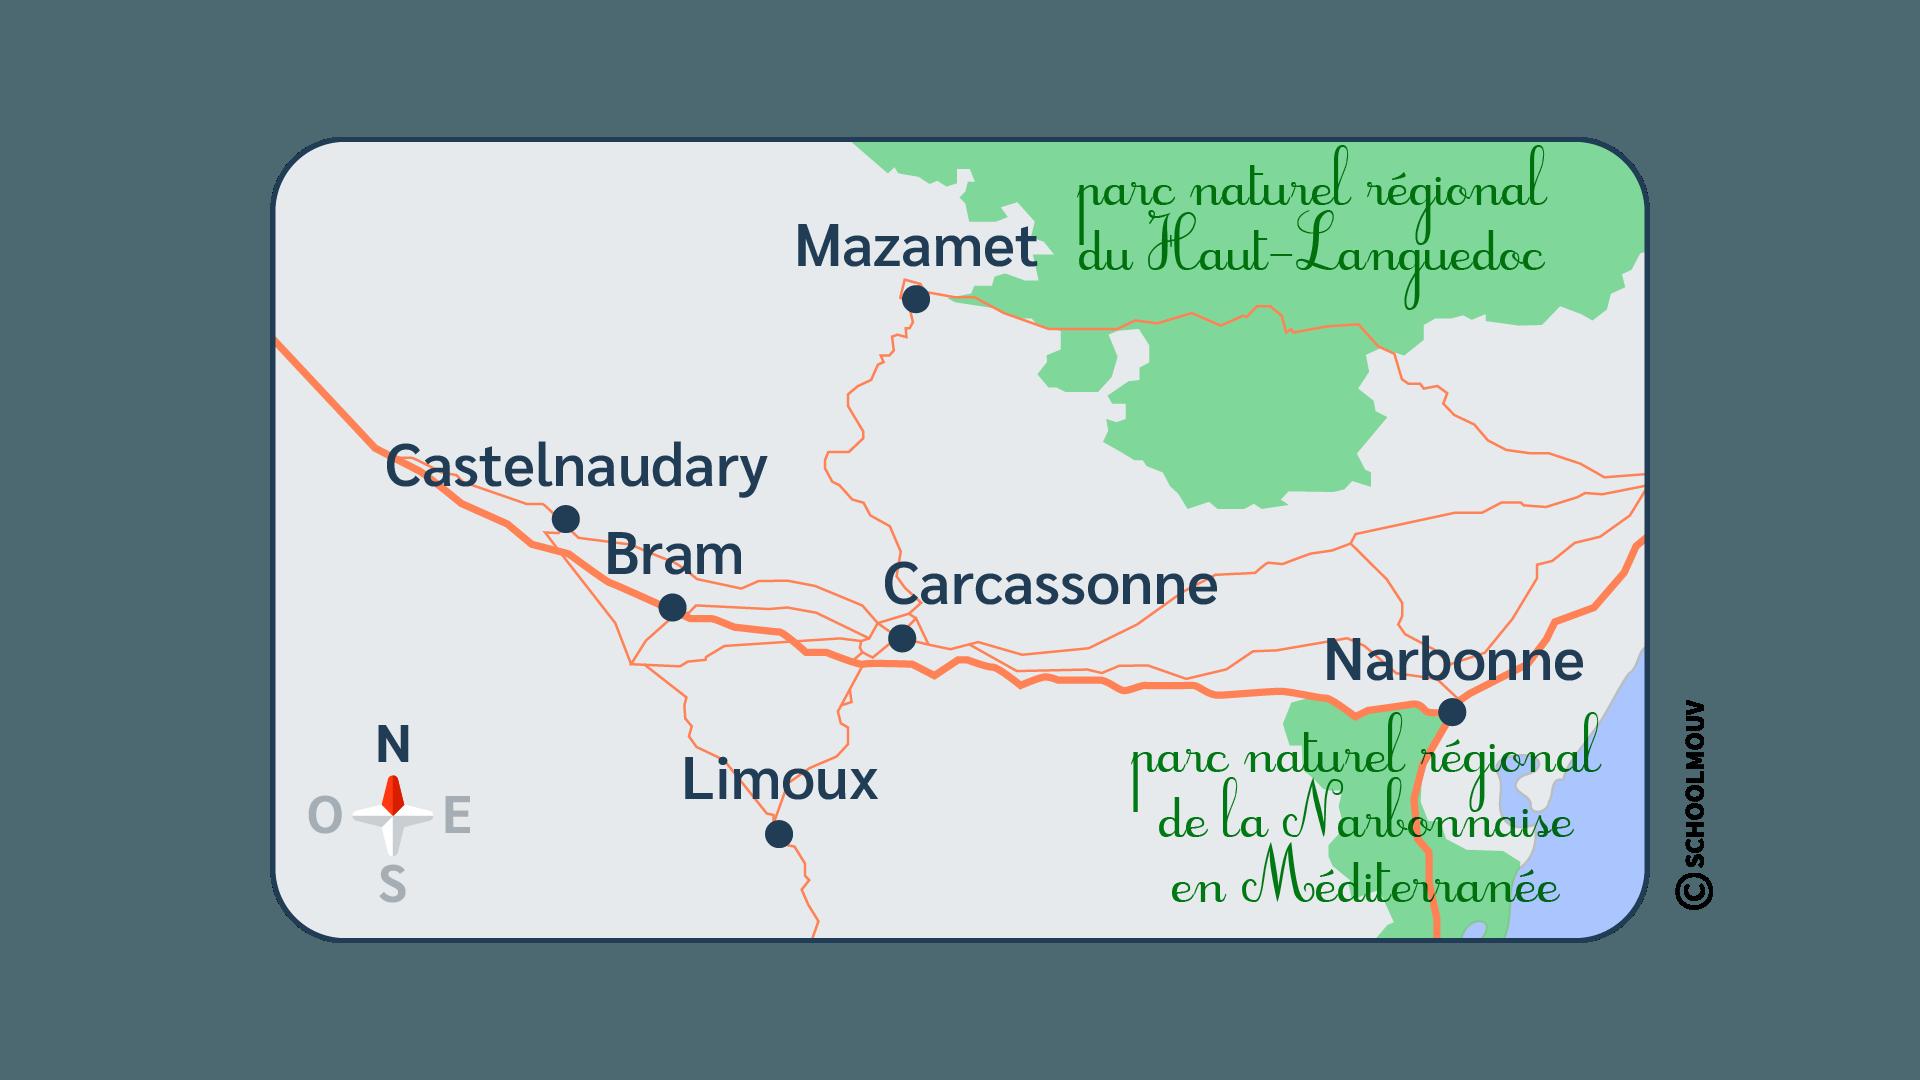 primaire questionner le monde géographie ce1 définir la position d'une personne d'un objet d'un lieu repérer carte Carcassonne